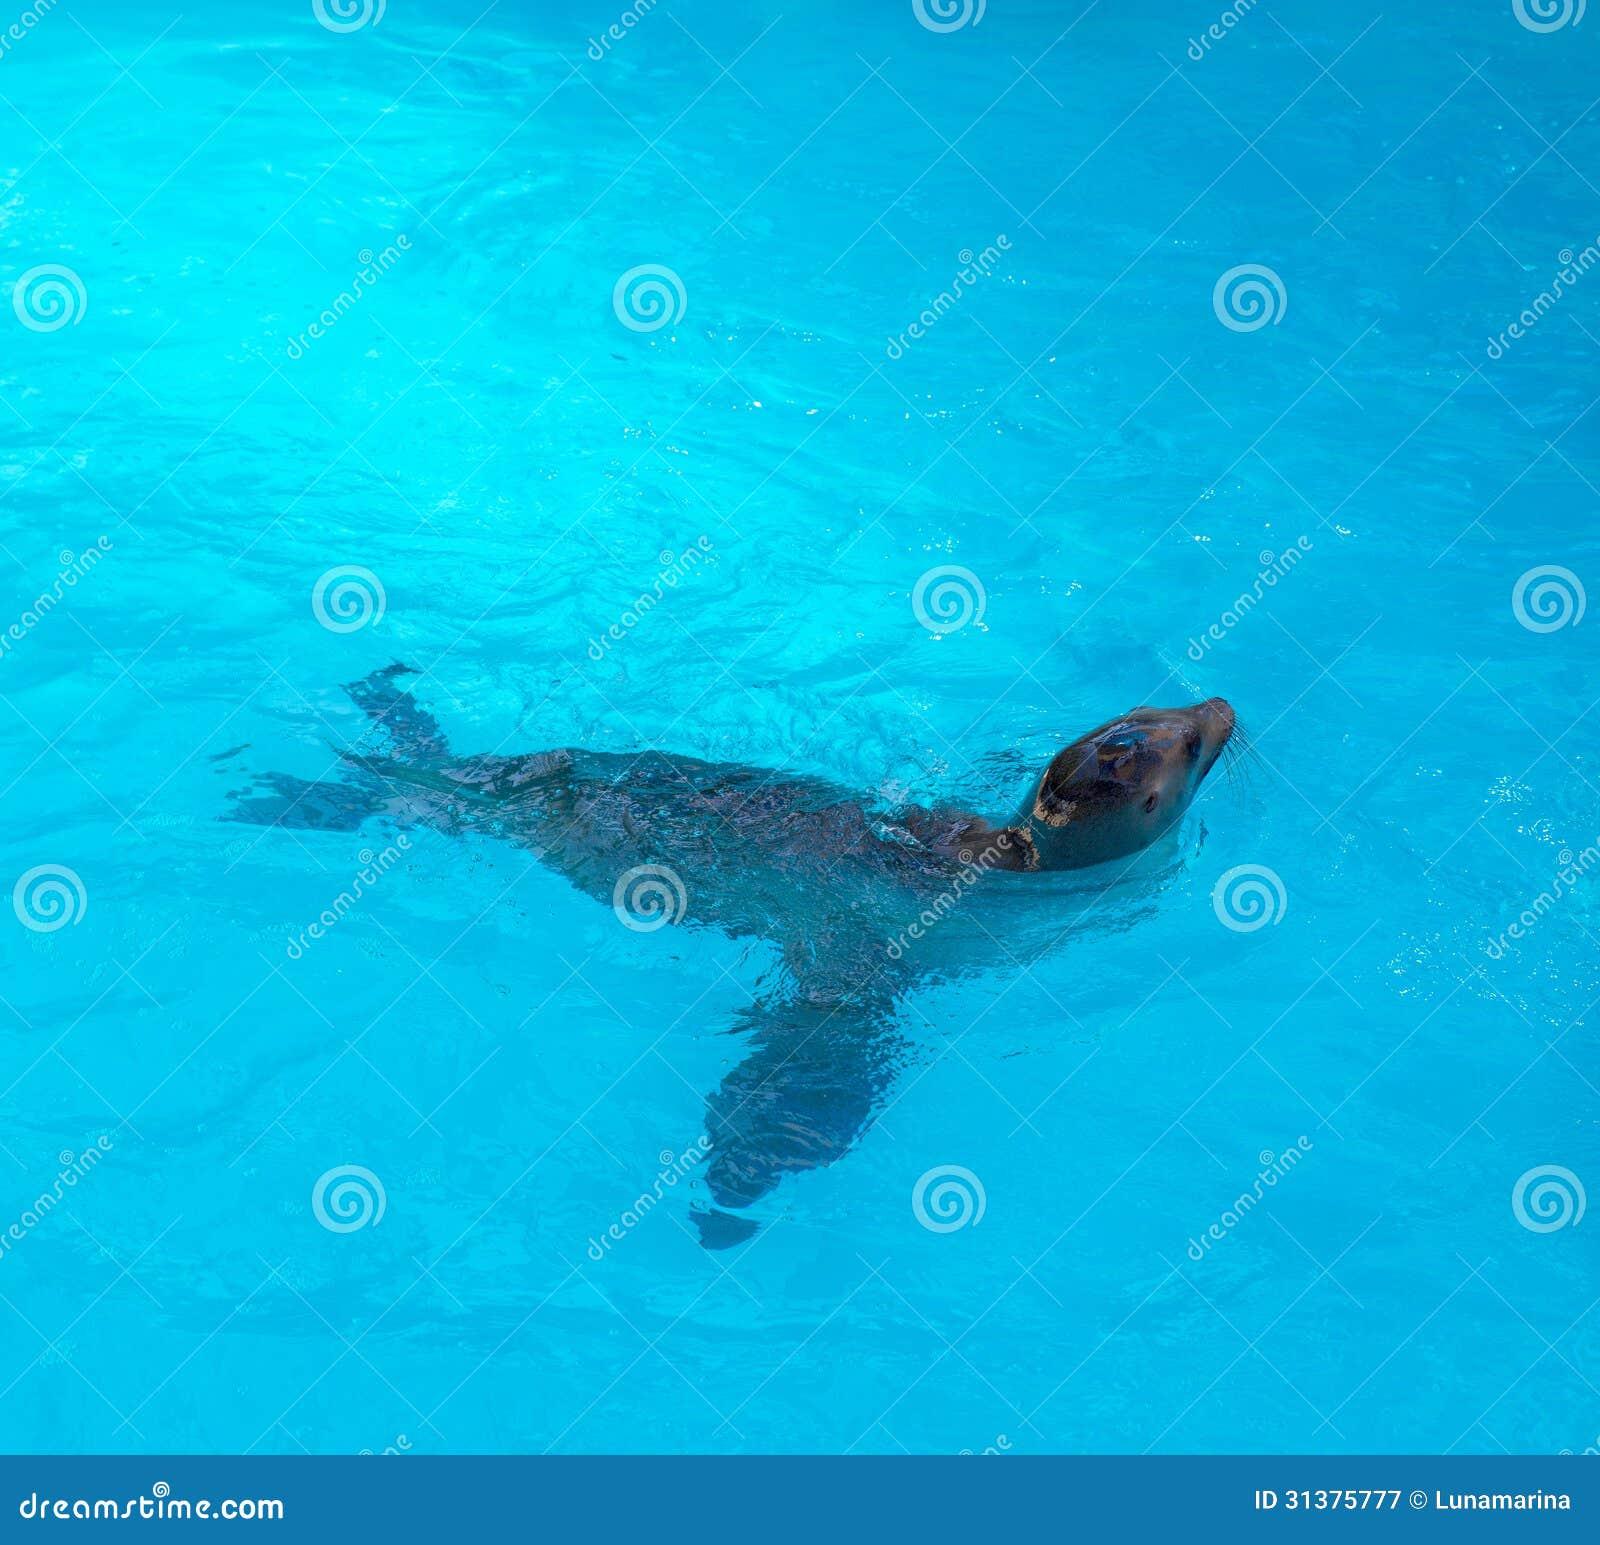 Verbinding die in blauw zoutwater zwemt